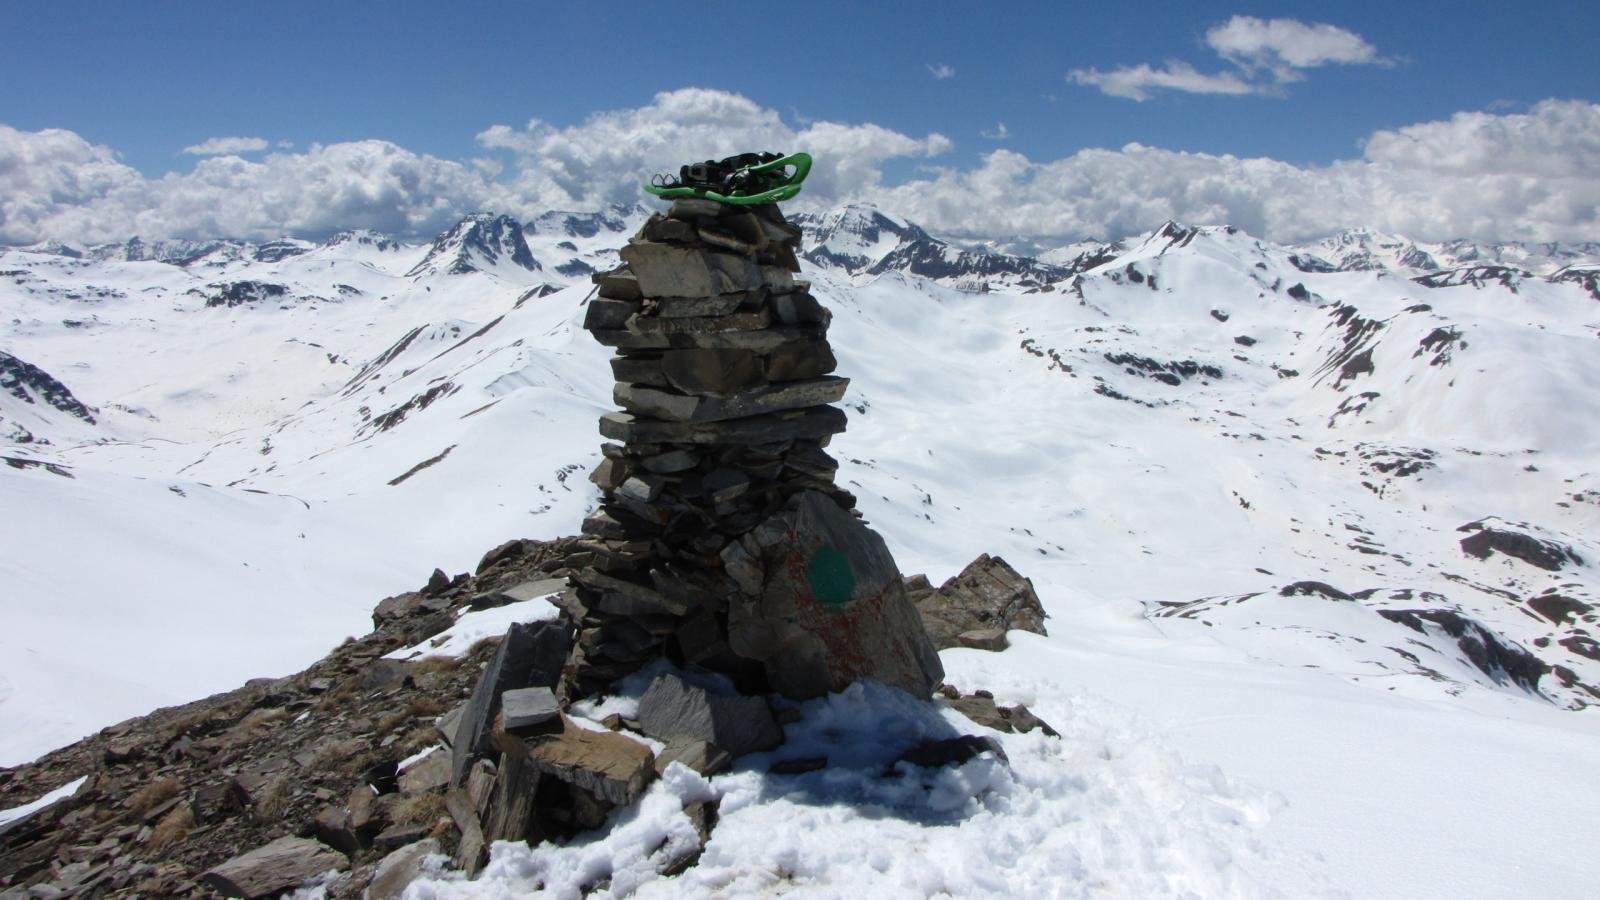 il grande ometto di pietre che si trova in cima al Mourre Haut